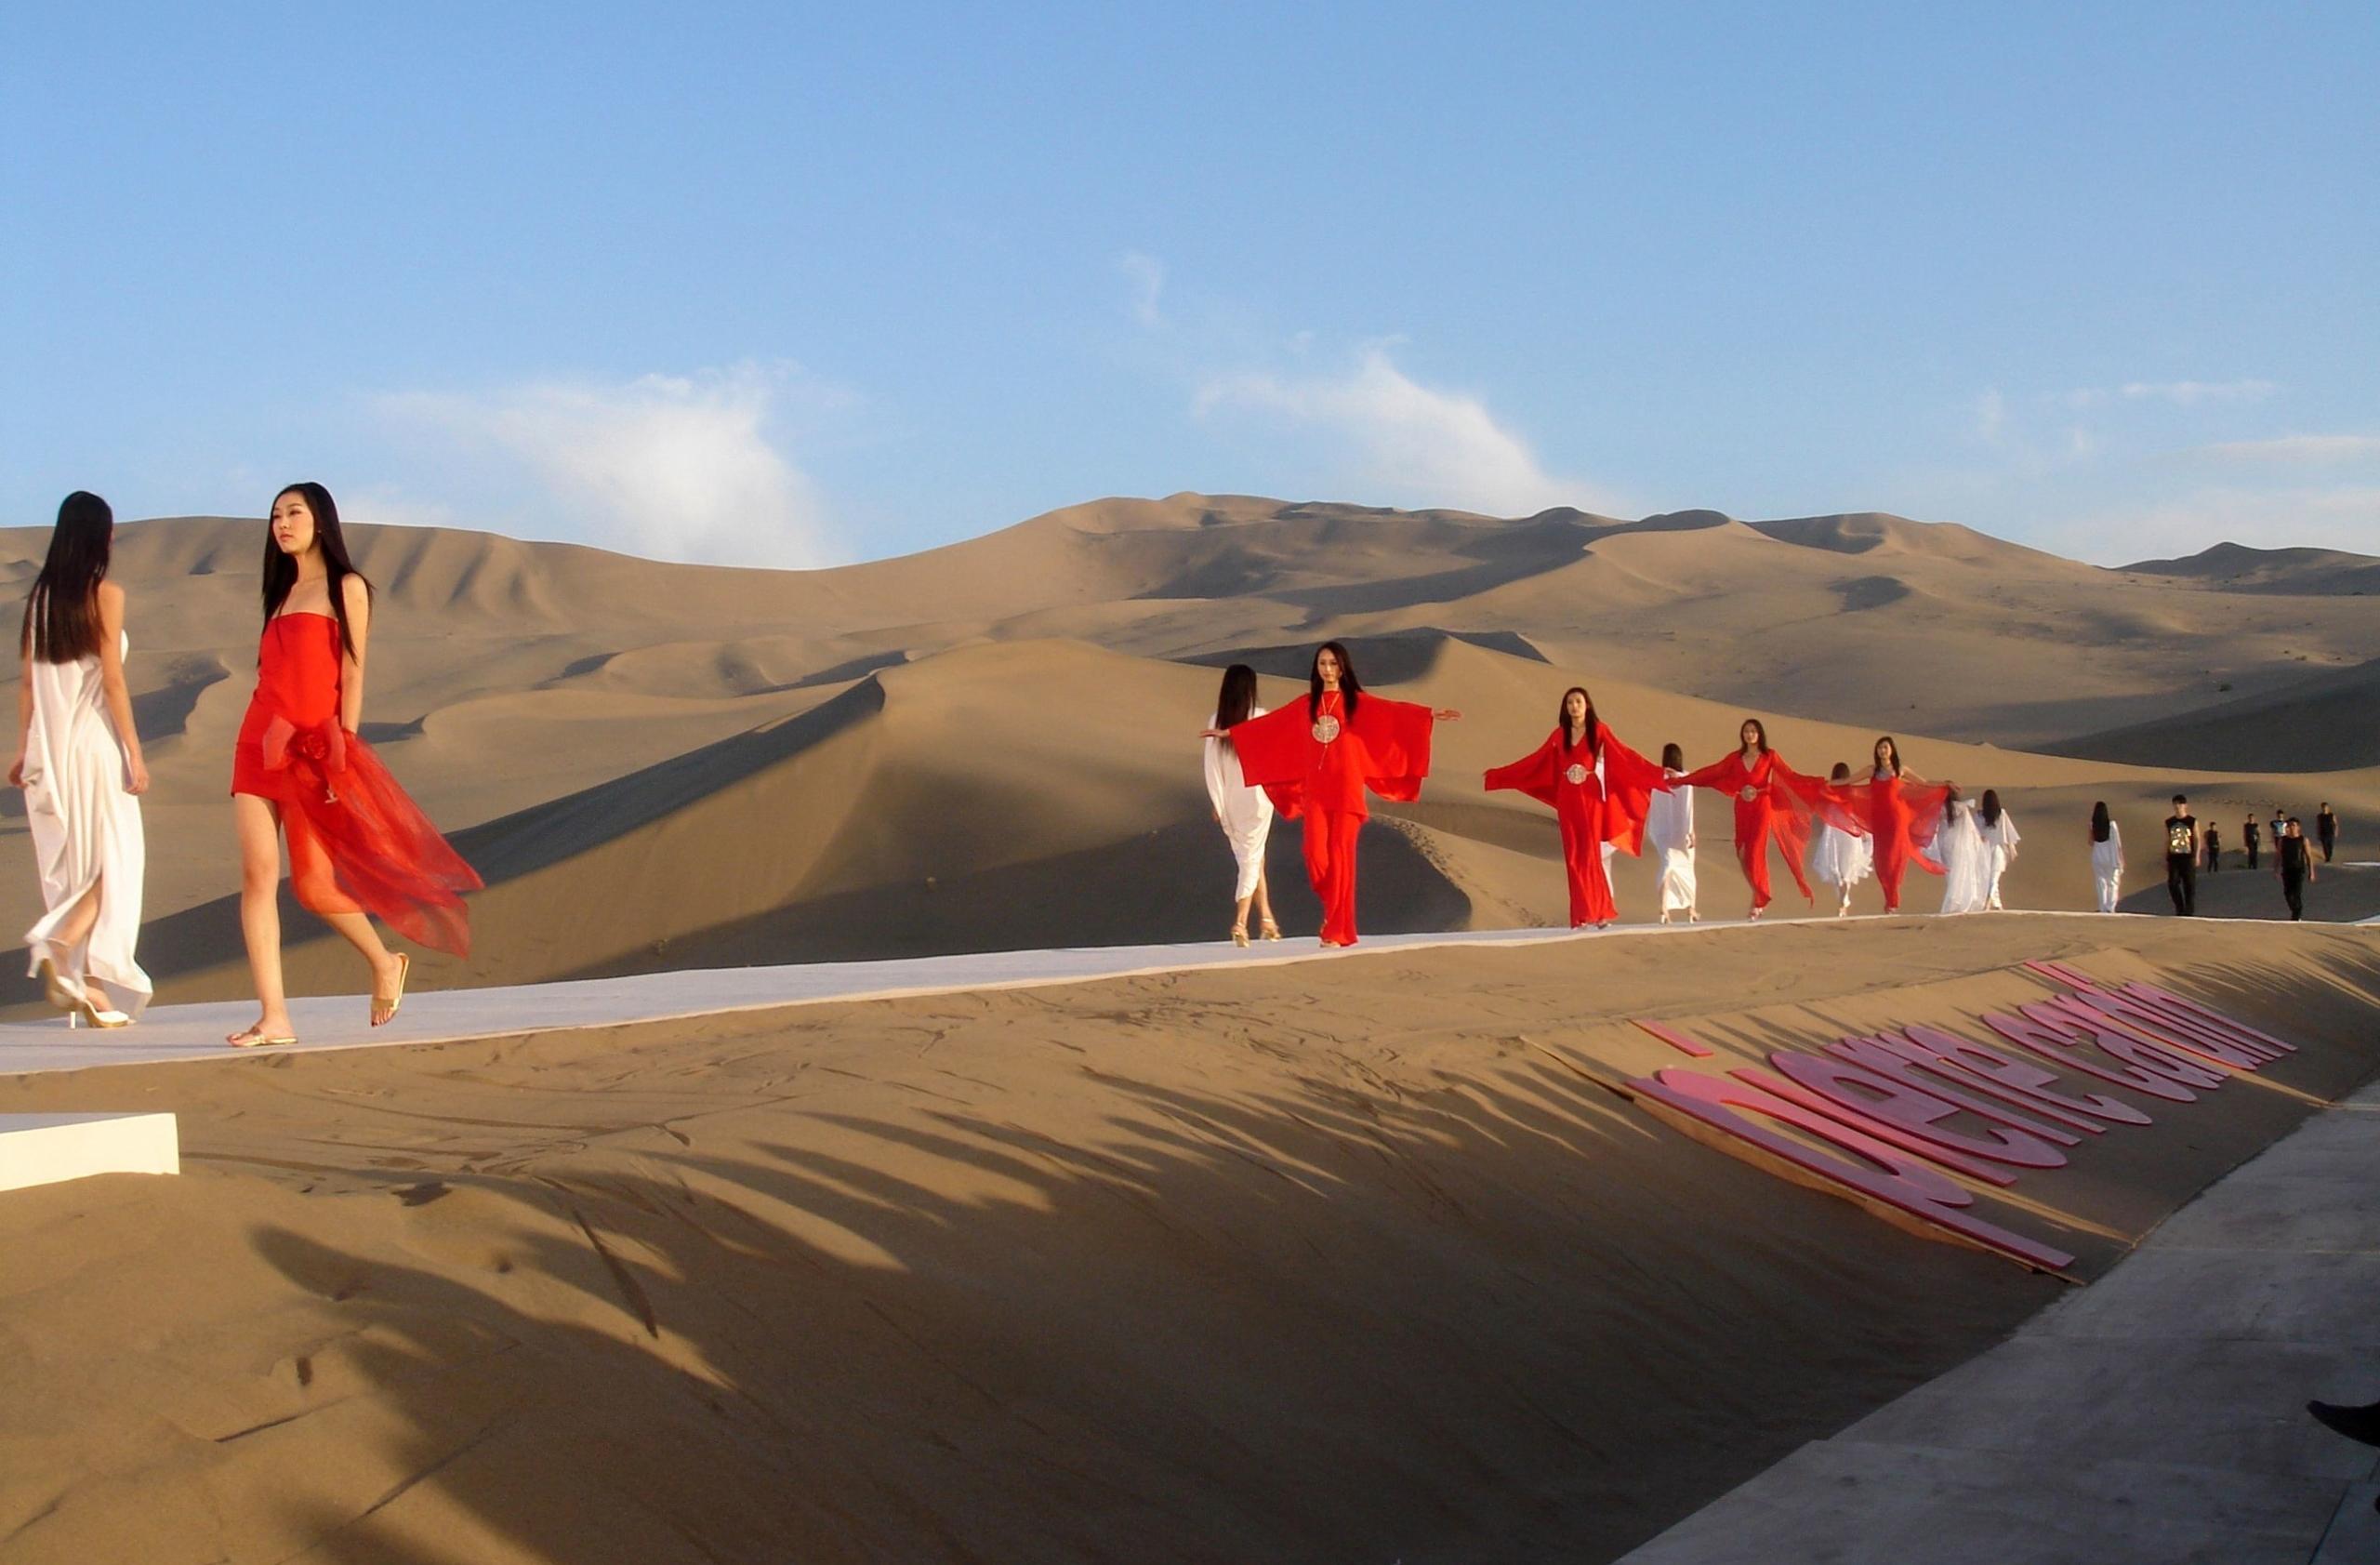 Шоу Pierre Cardin Spring/Summer 2008 прошло в пустыне –собрали самые необычные и яркие показы в подборку